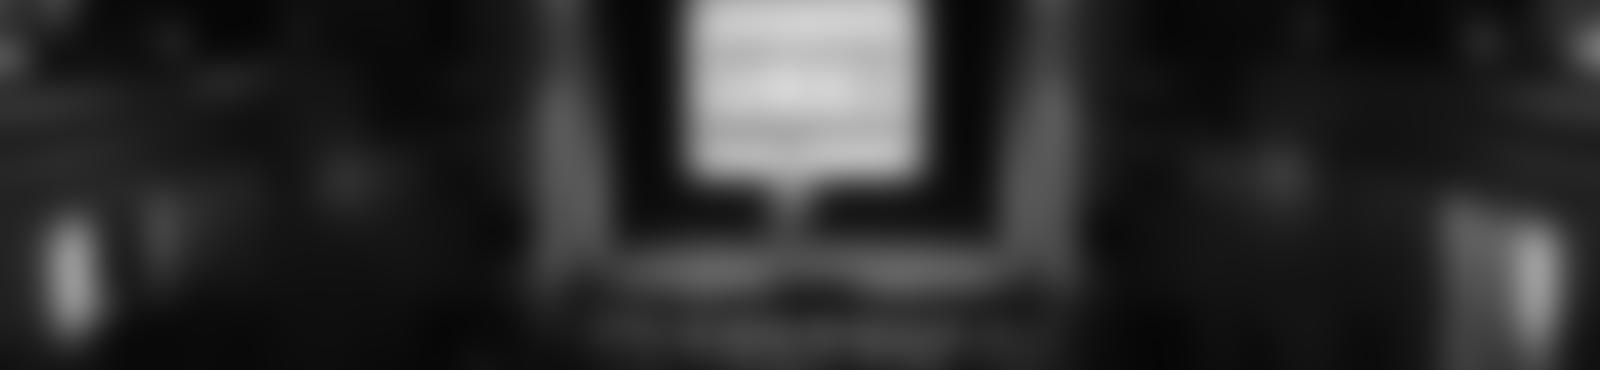 Blurred ea6d1874 3dad 4974 a7f1 6d0f02523fad